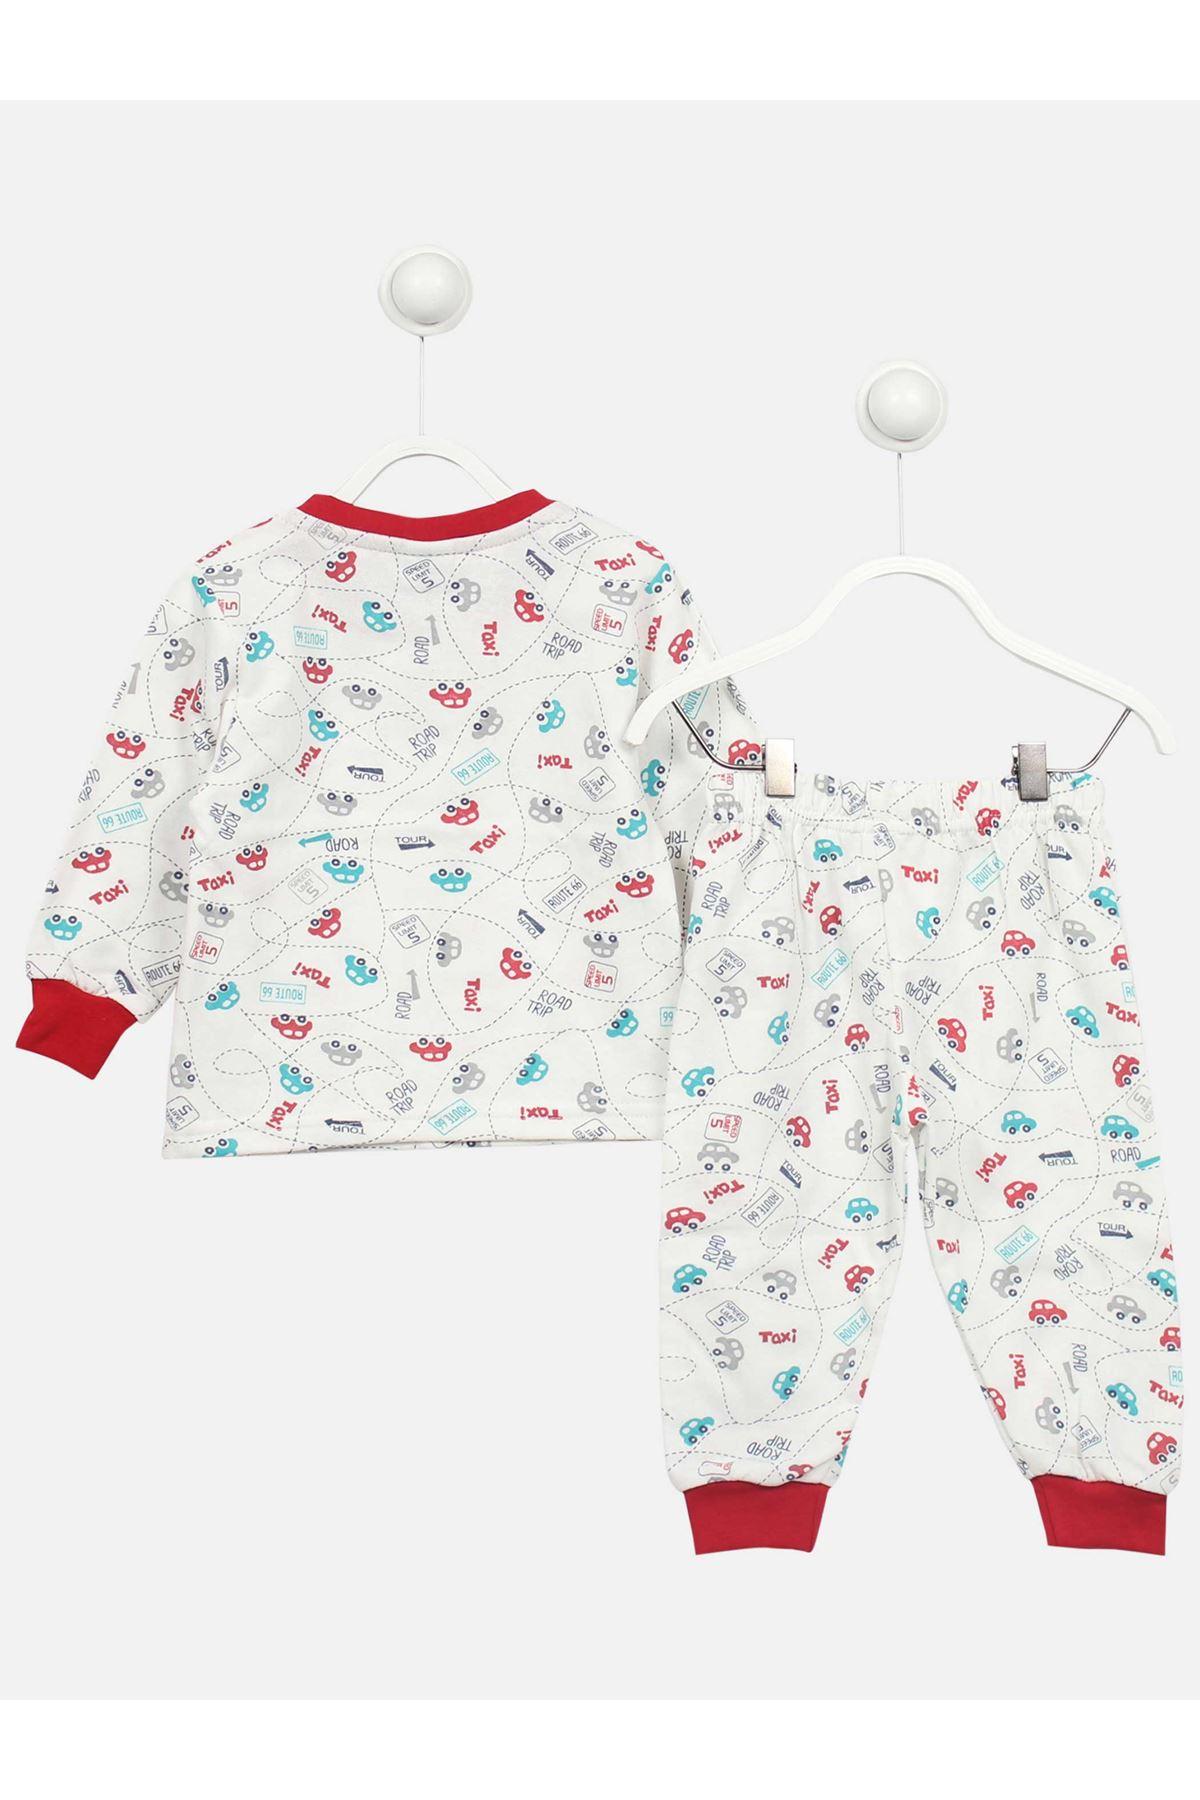 Beyaz Araba Desenli Erkek Çocuk Pijama Takımı